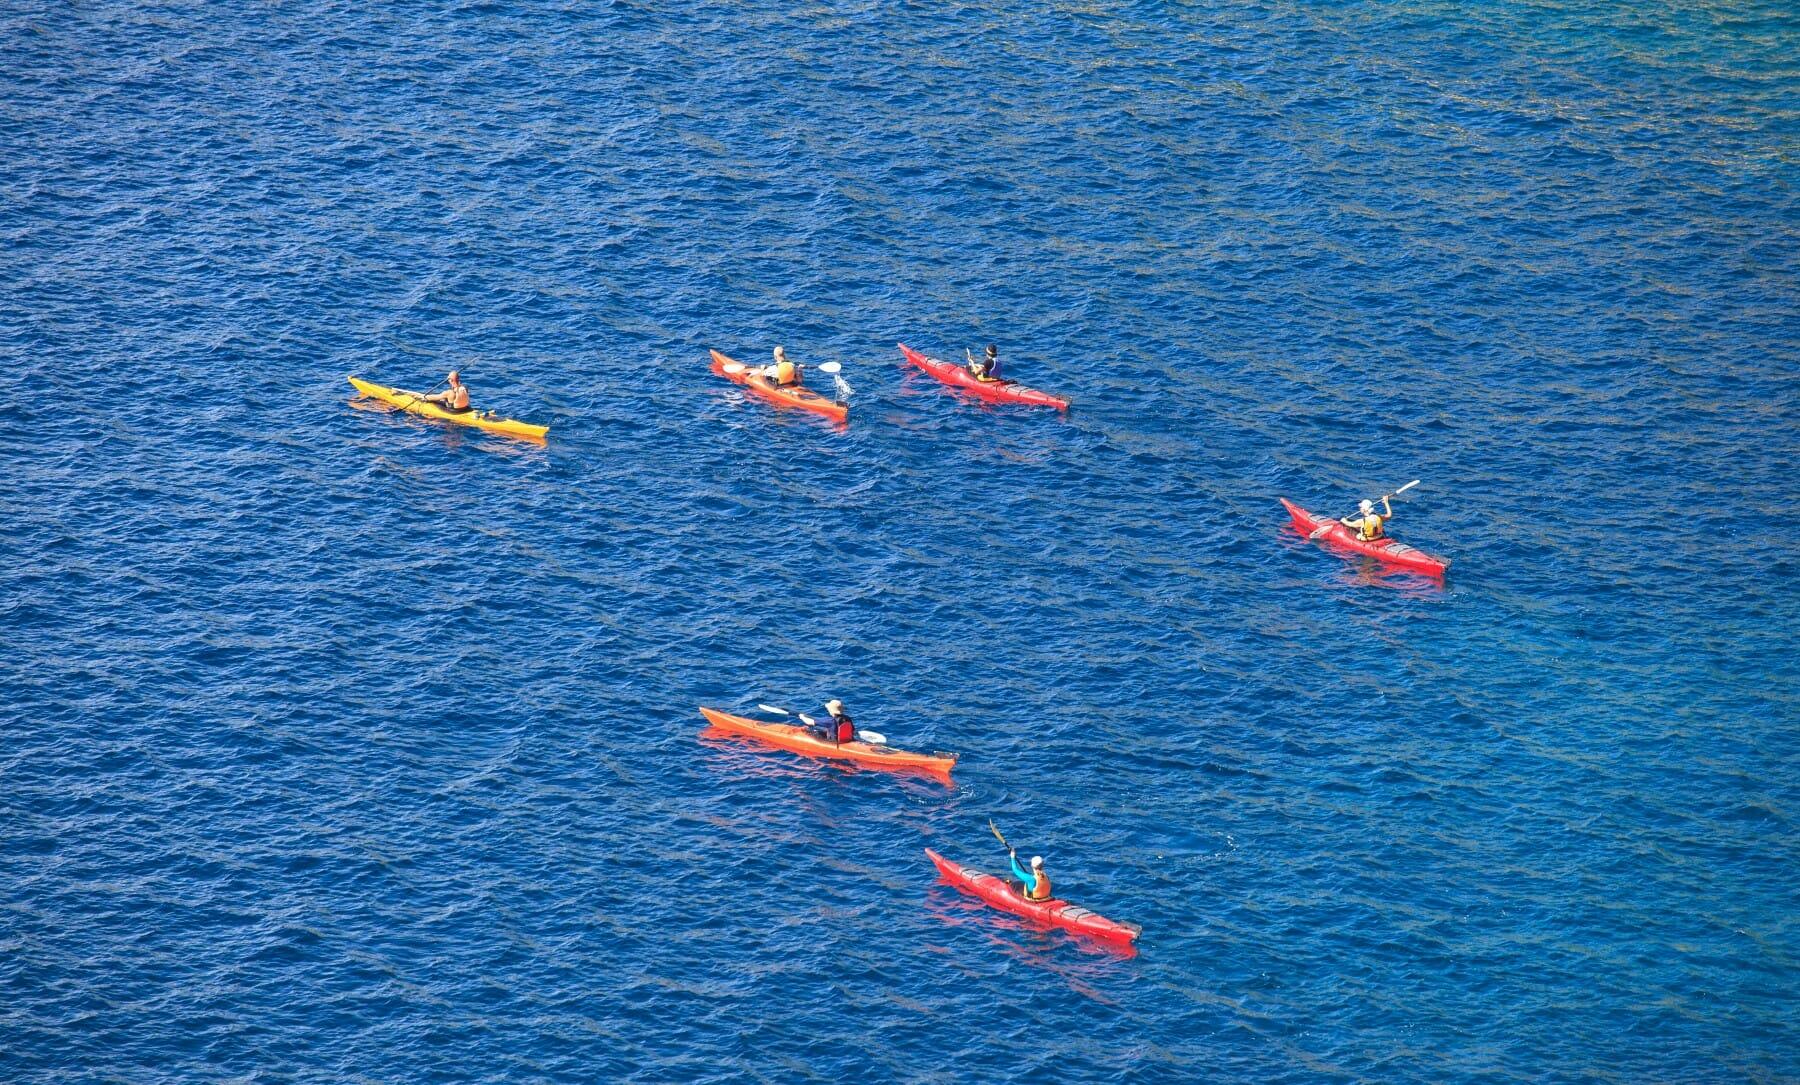 Kayaking on clystal clear Adriatic sea Montenegro